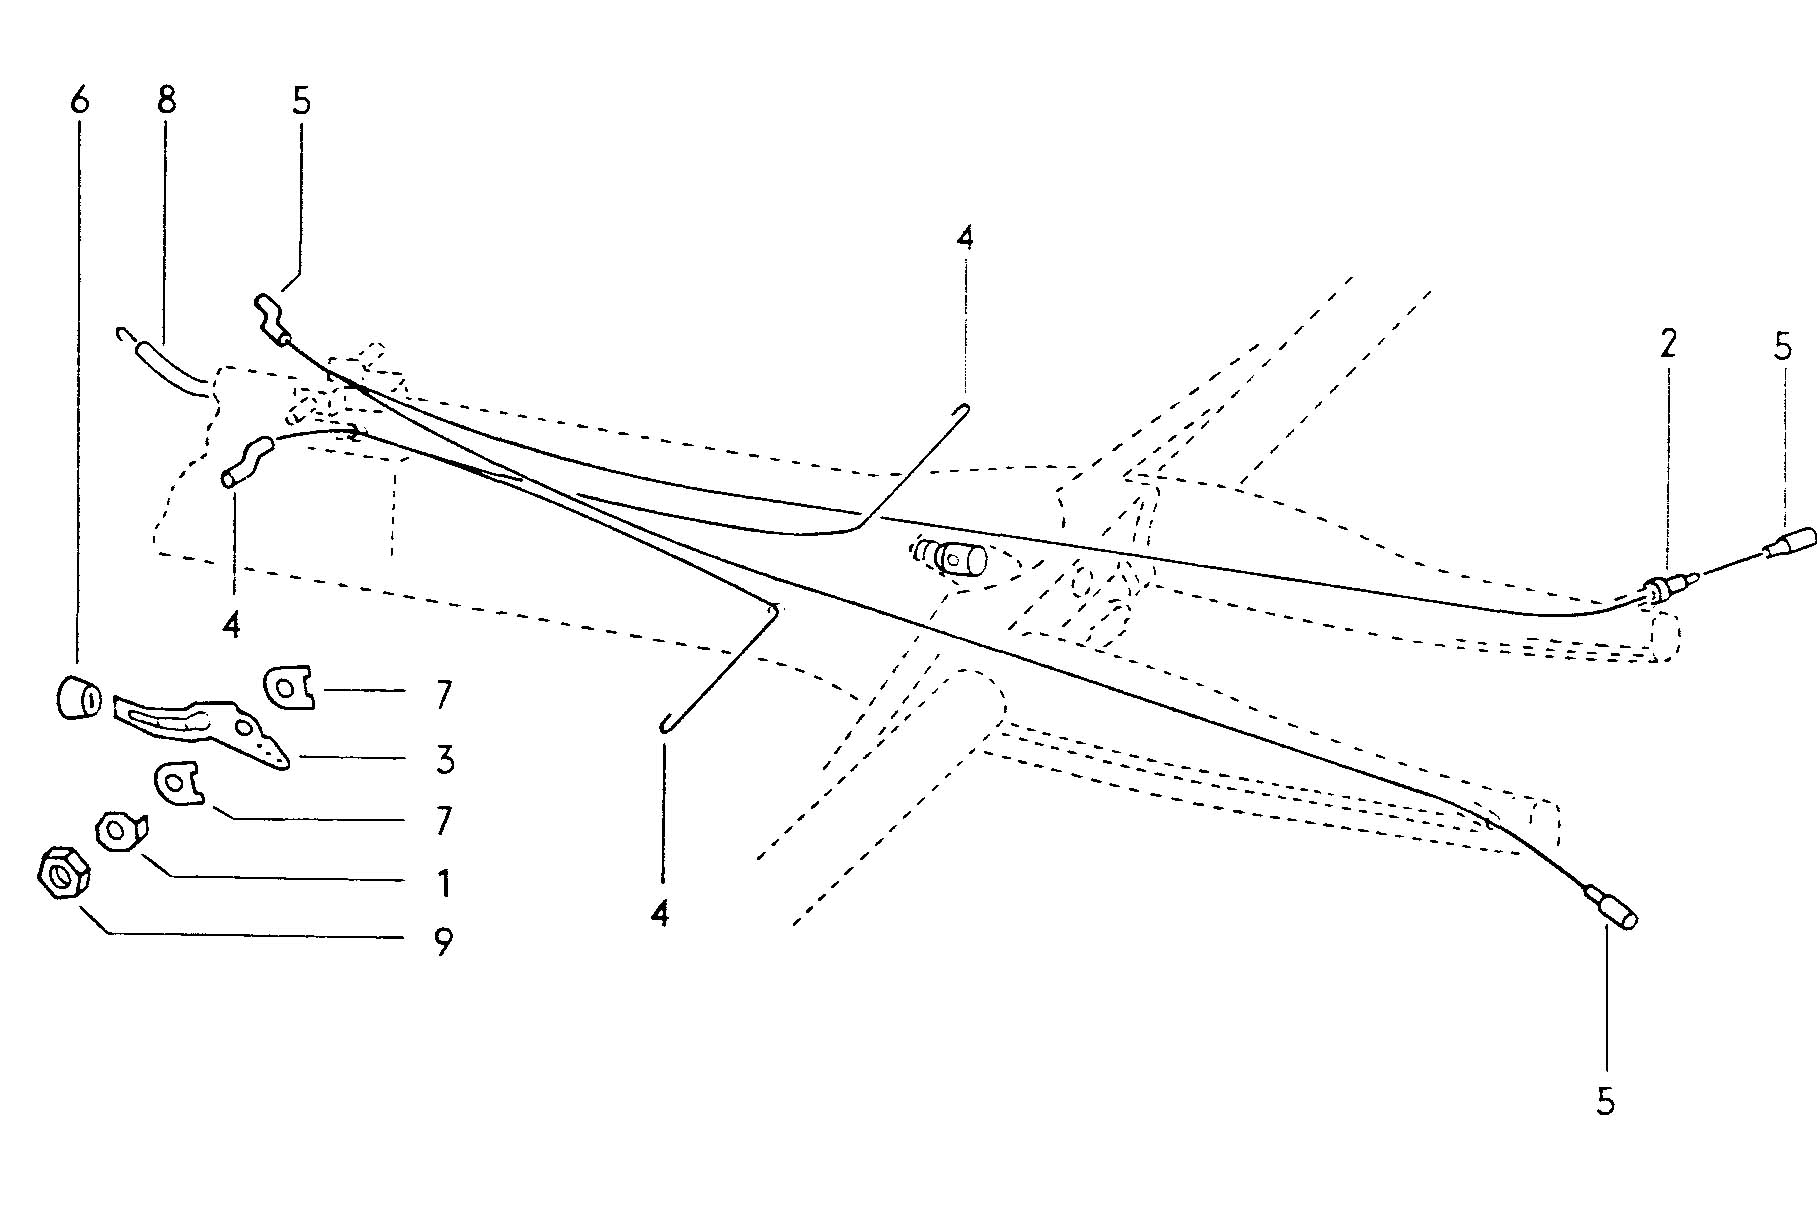 1992 Volkswagen Corrado Wiring_diagram Golf 1 Wiring